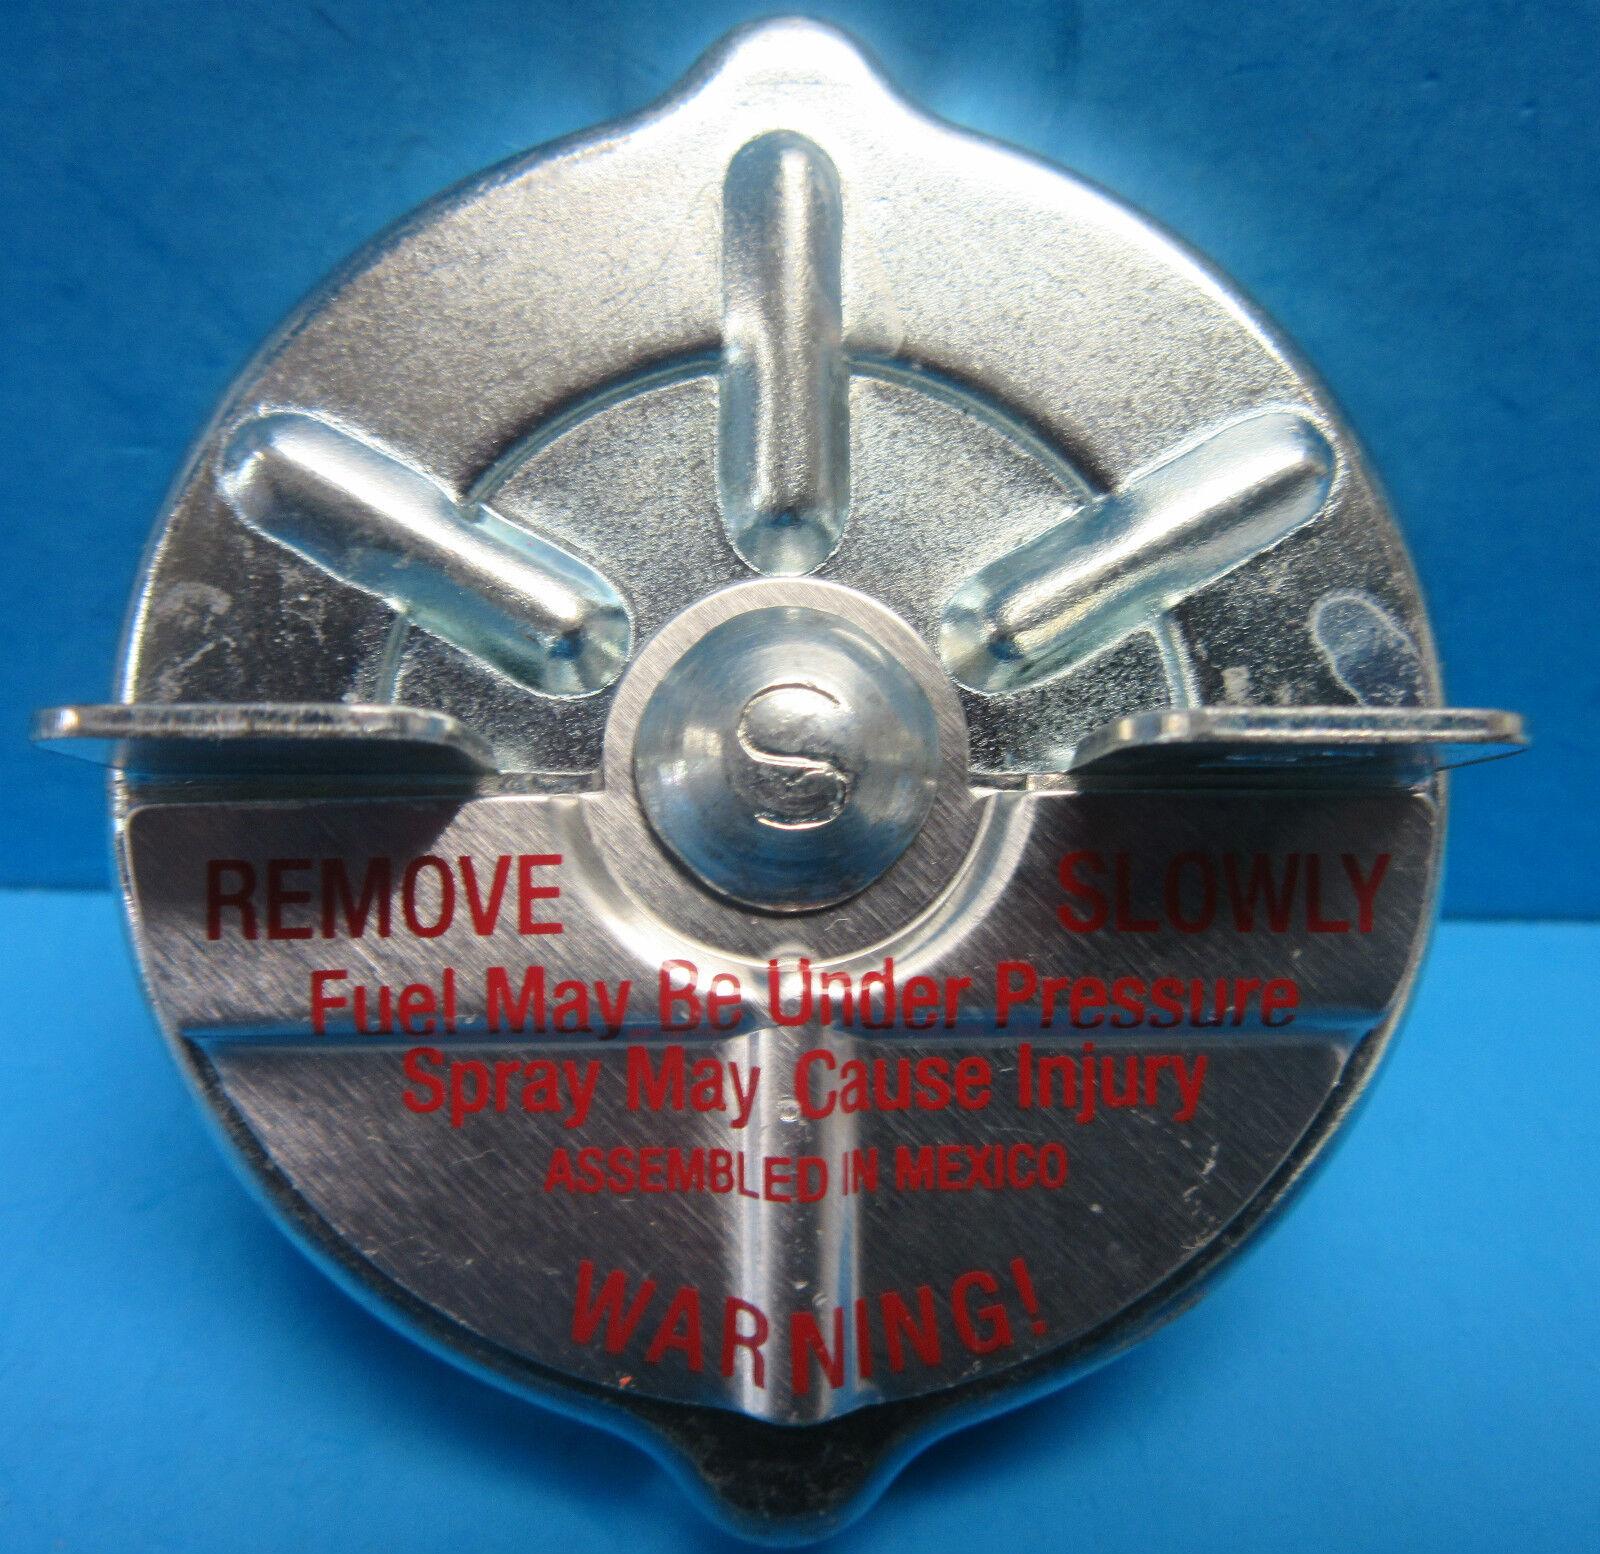 POLARIS QUAD GAS CAP FOR 04-09 TRAIL BLAZER BOSS MAGNUM ATV REPLACES 2872636